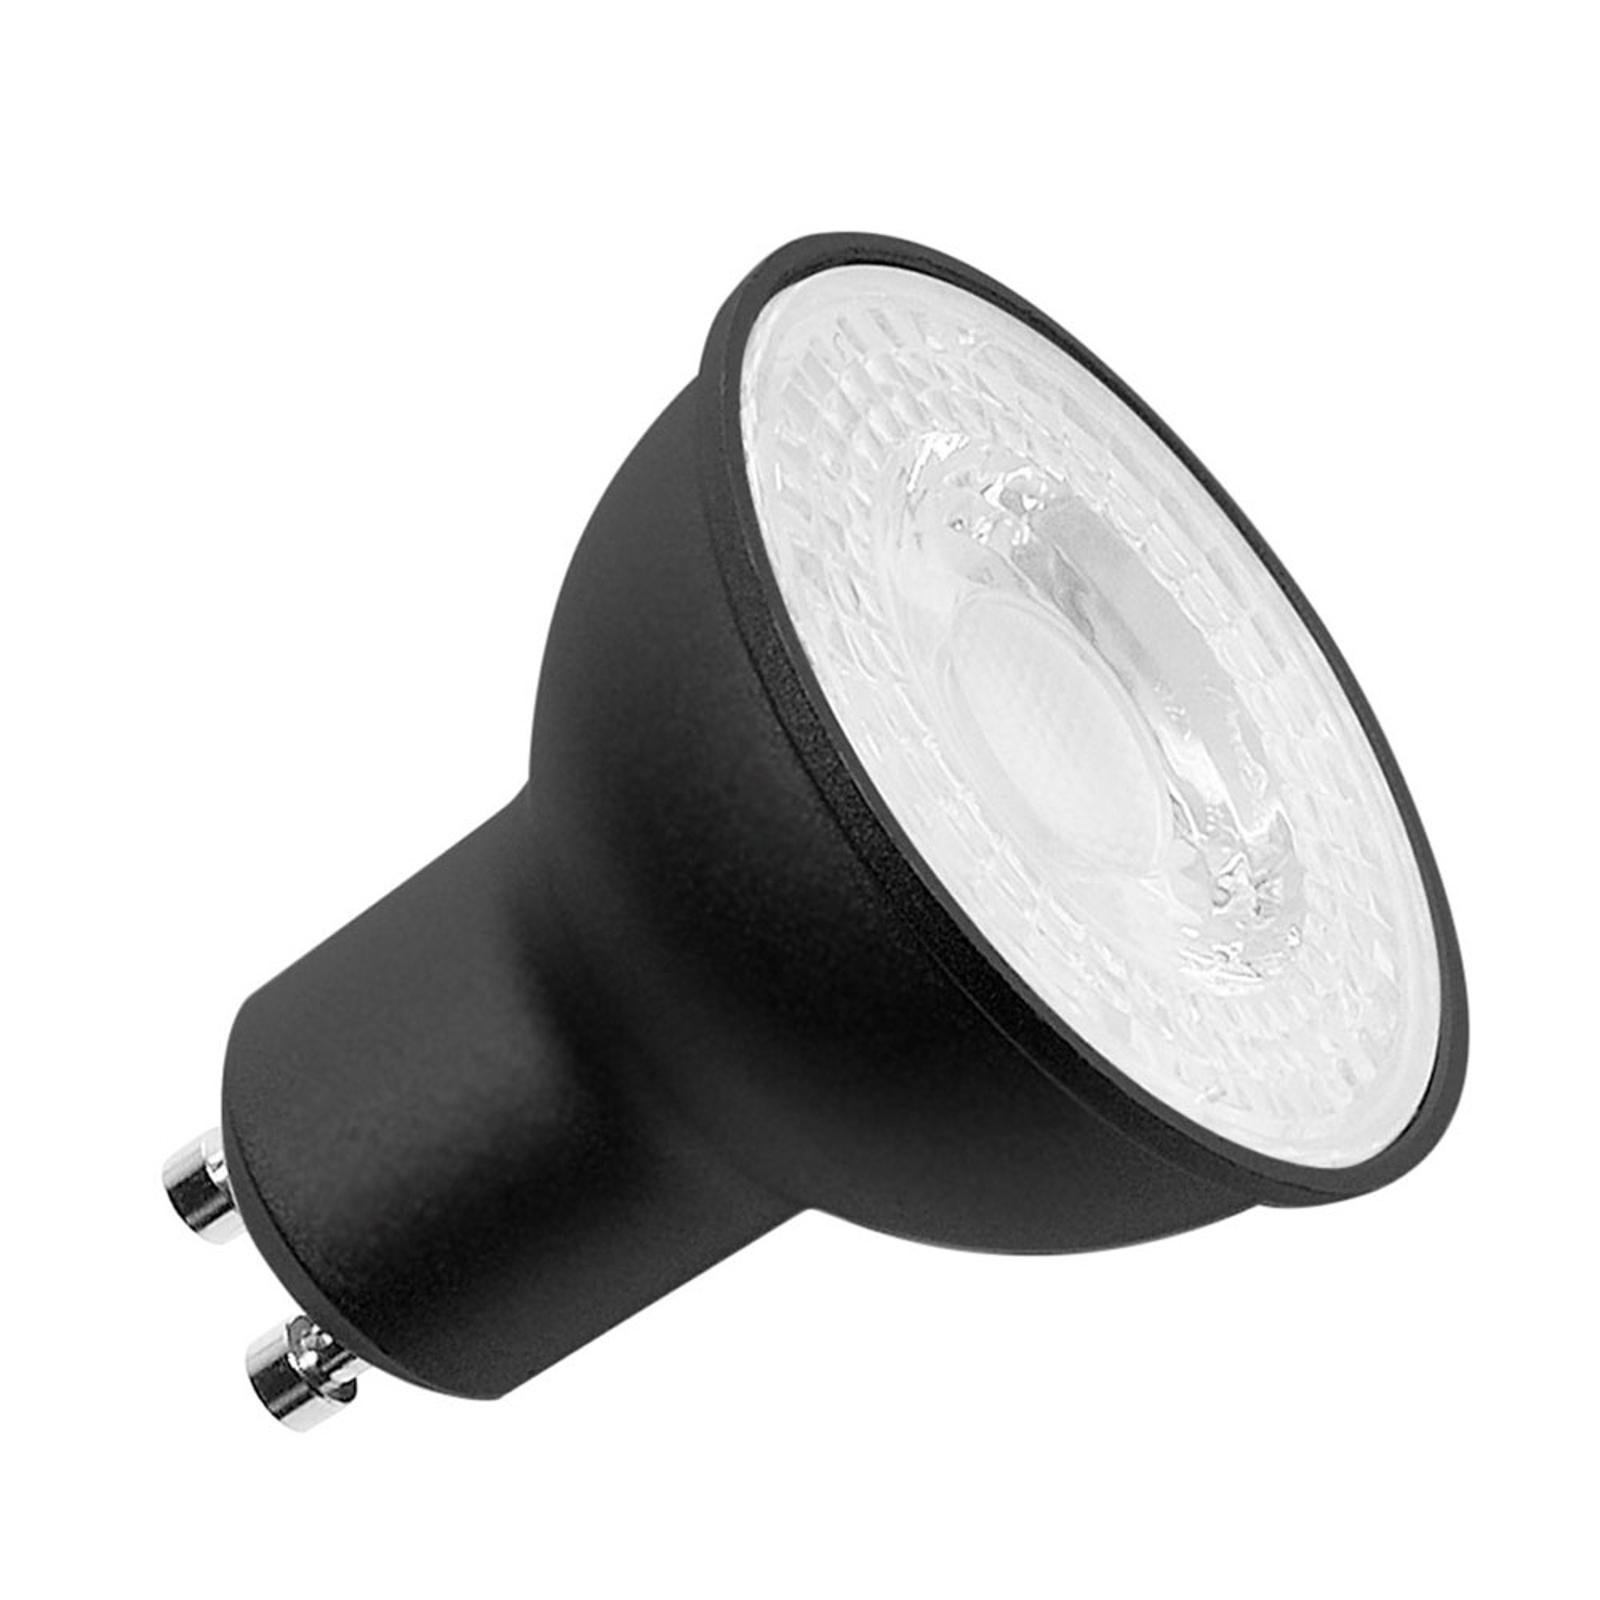 Acquista SLV riflettore LED GU10 7,2W dimmerabile